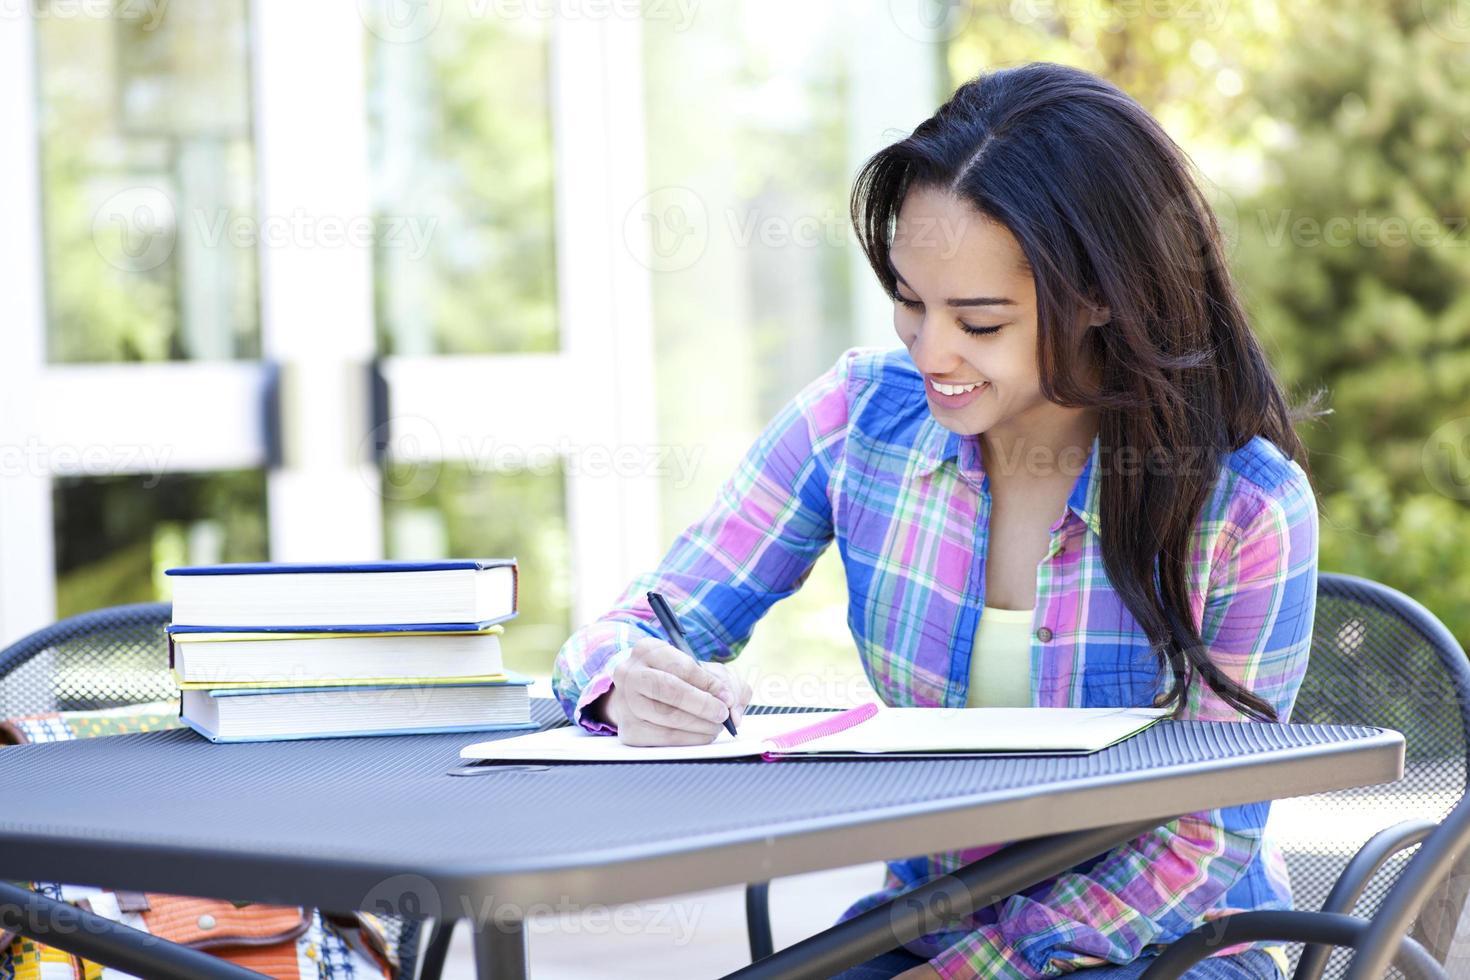 étudiant ethnique écrit et étudie avec de nombreux livres photo